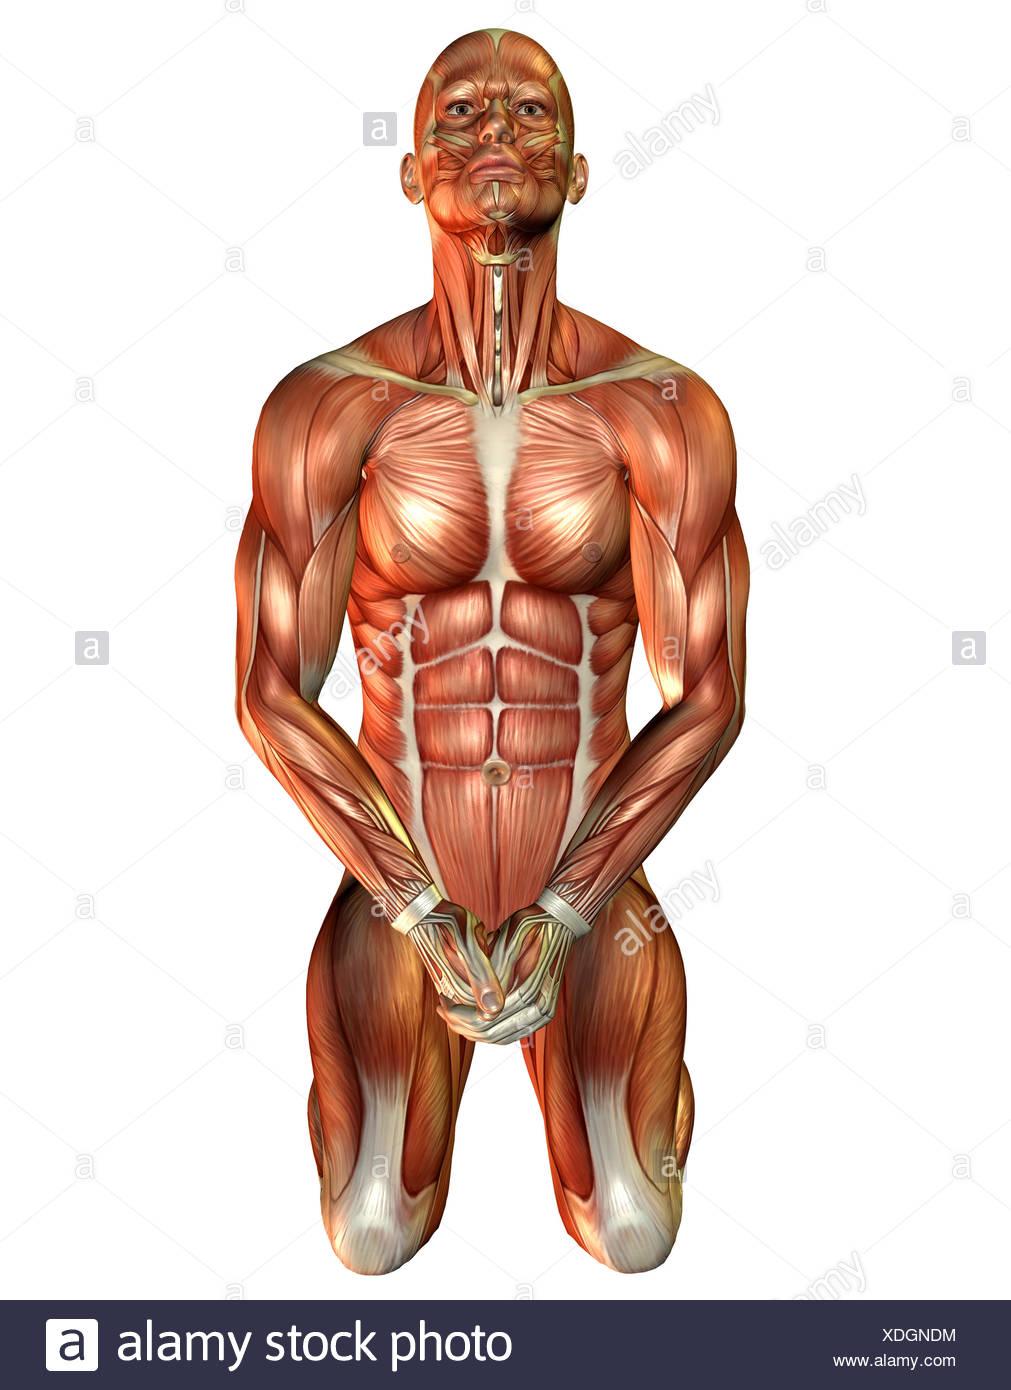 Ziemlich Studie Muskeln Anatomie Galerie - Menschliche Anatomie ...